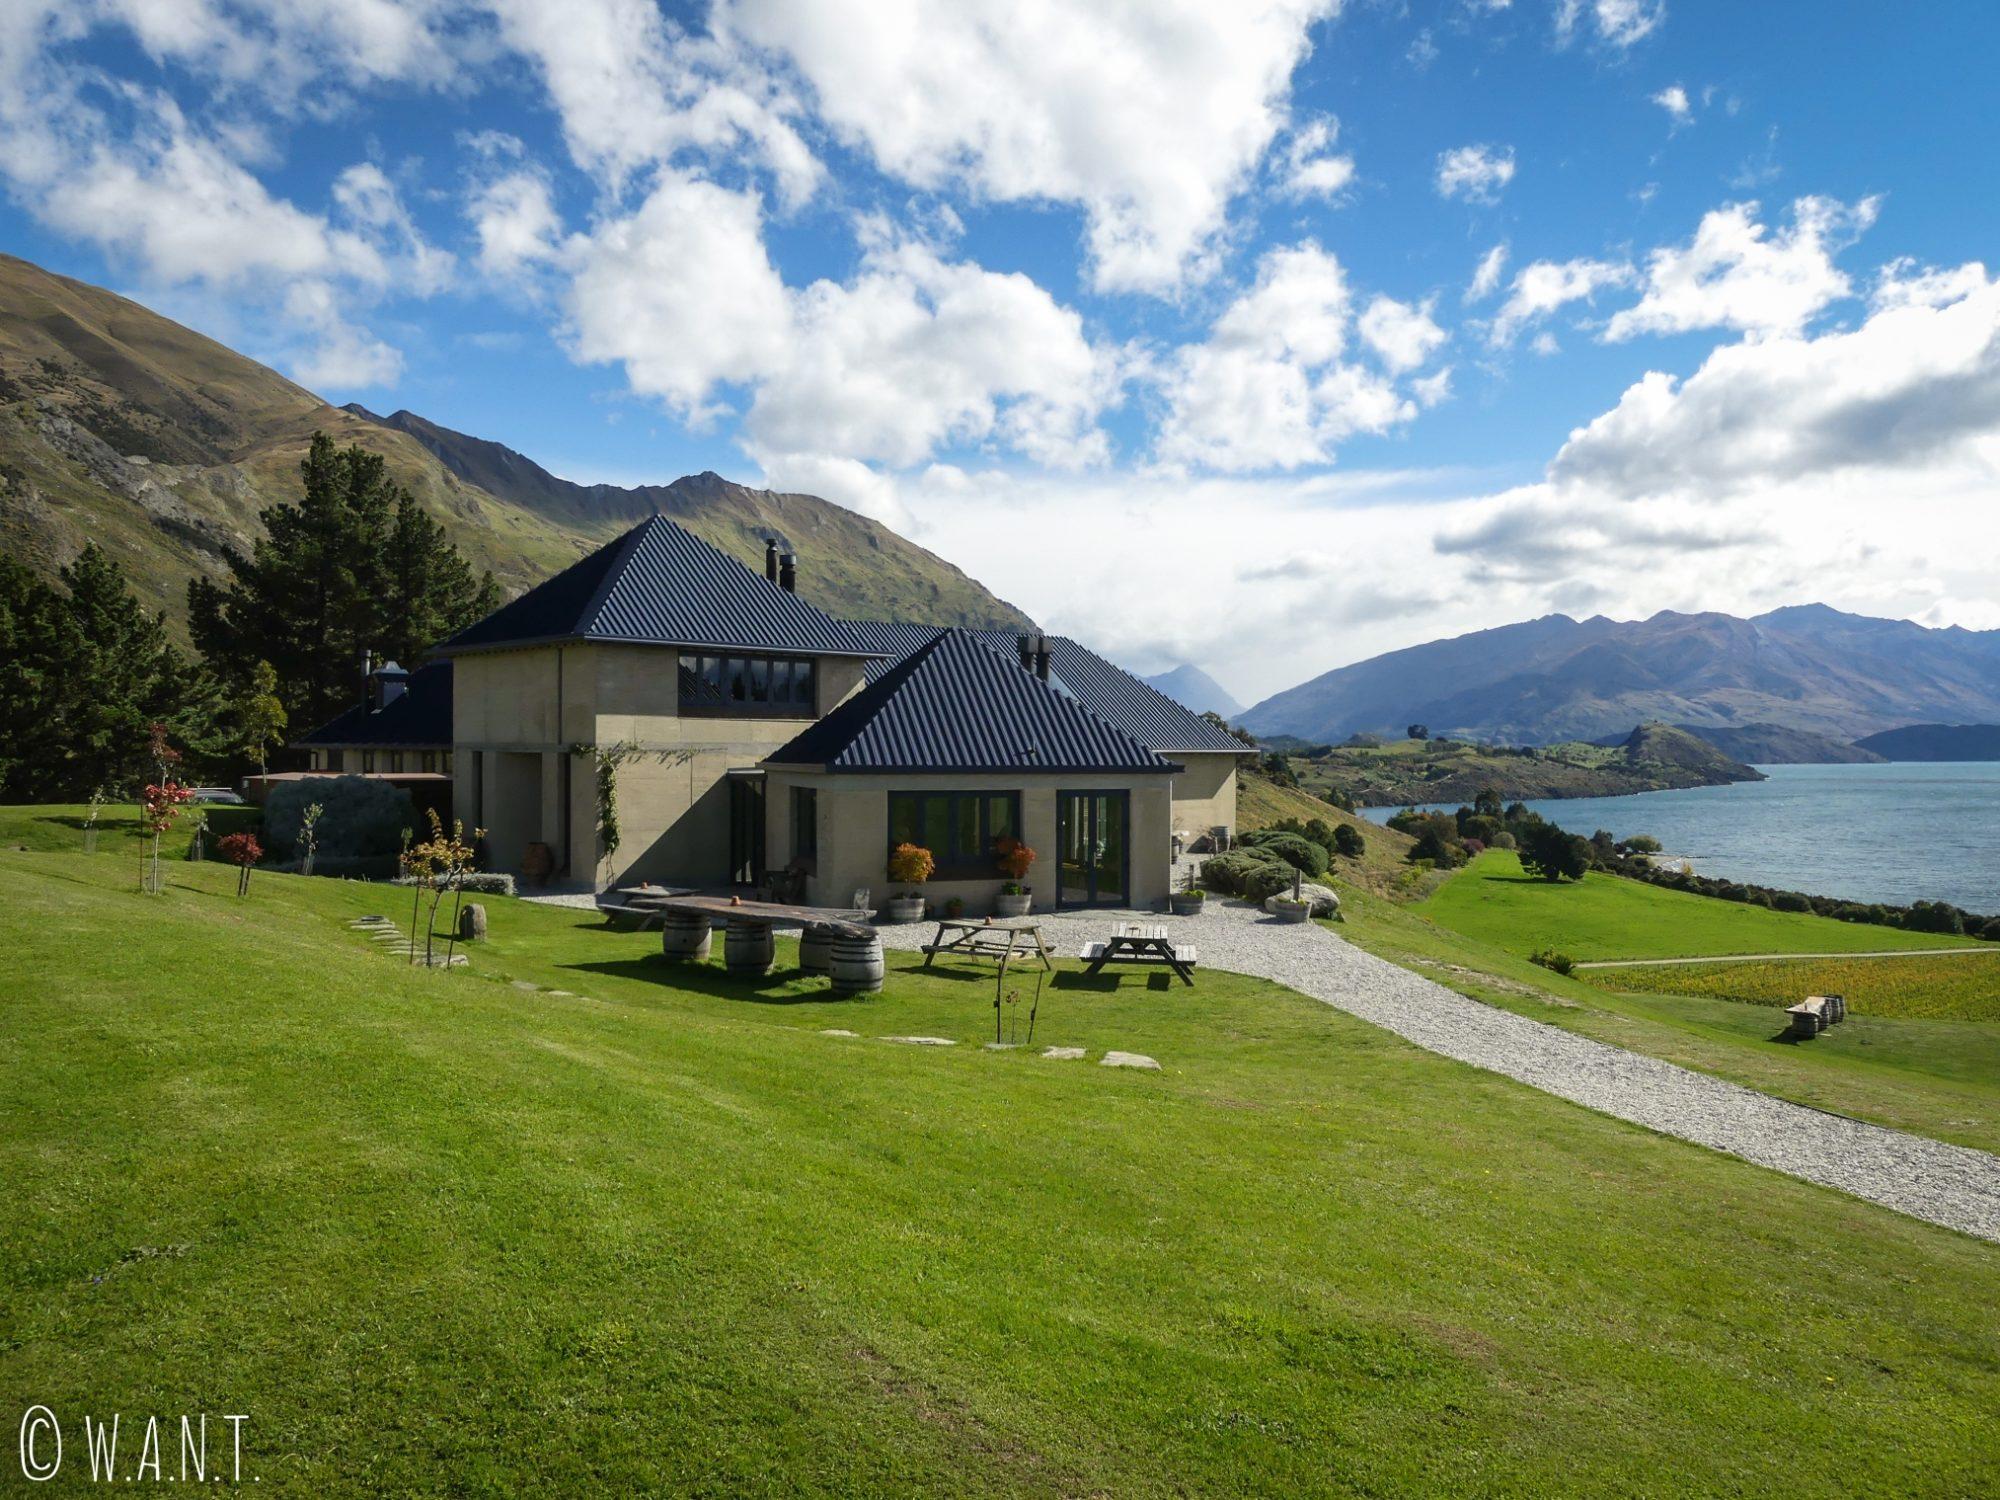 De passage à Wanaka en Nouvelle-Zélande, nous sommes allés dégustés les vins du domaine Rippon